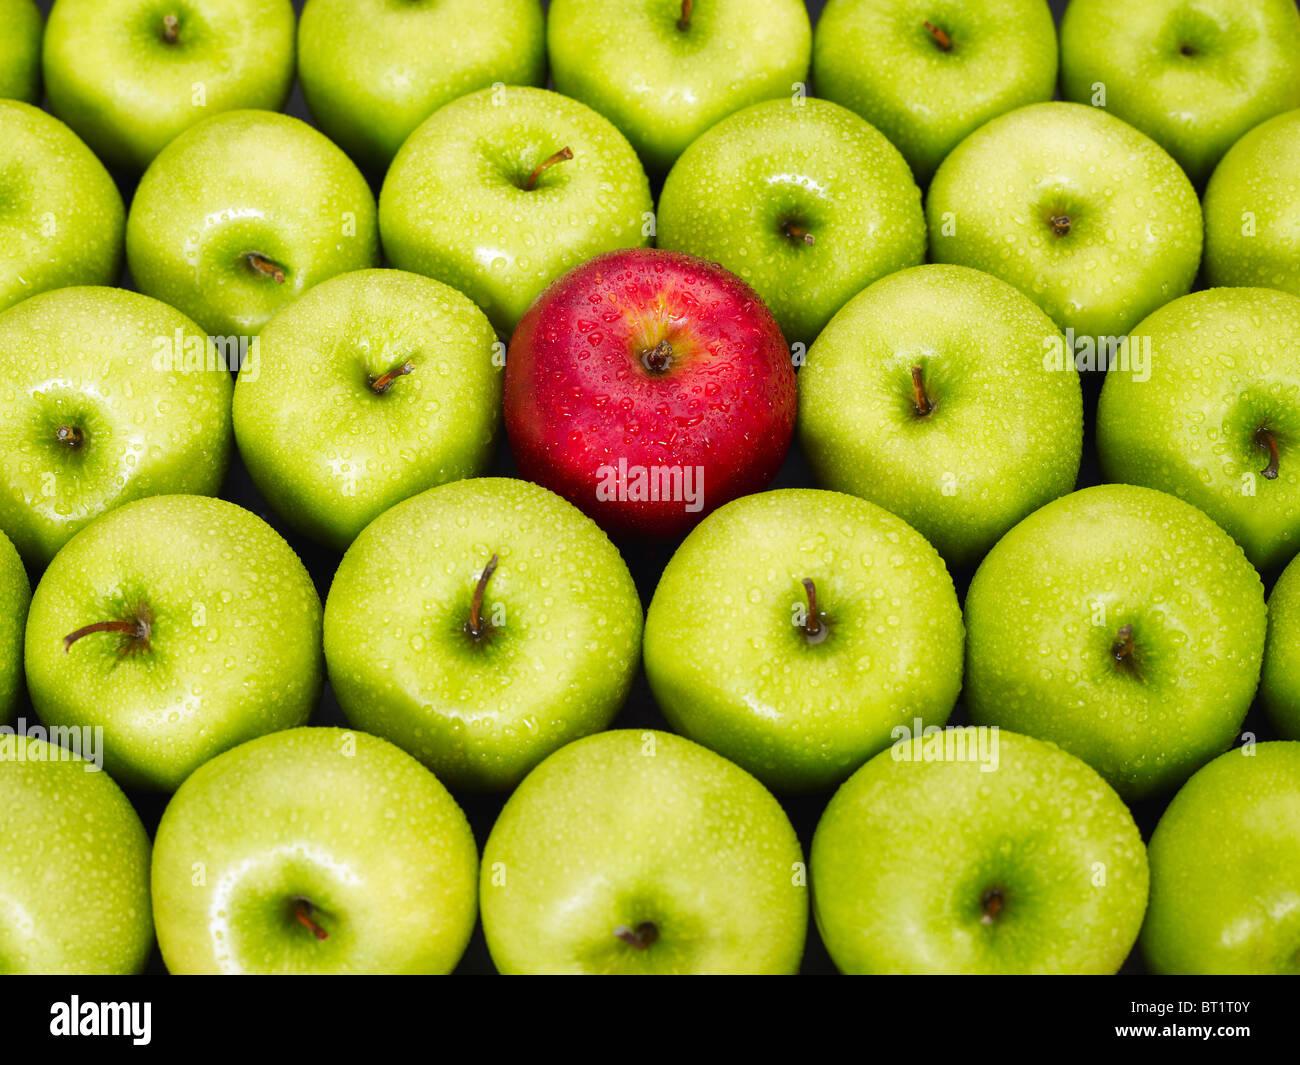 roter Apfel stehend aus Haufen von grünen Äpfeln Stockbild